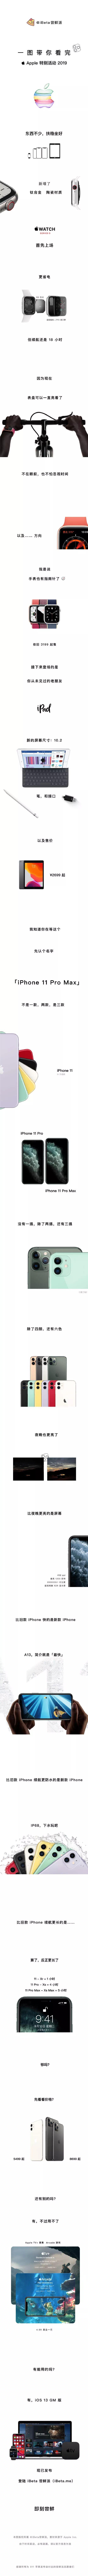 『一图流』一张图带你看完 Apple 特别活动发布会